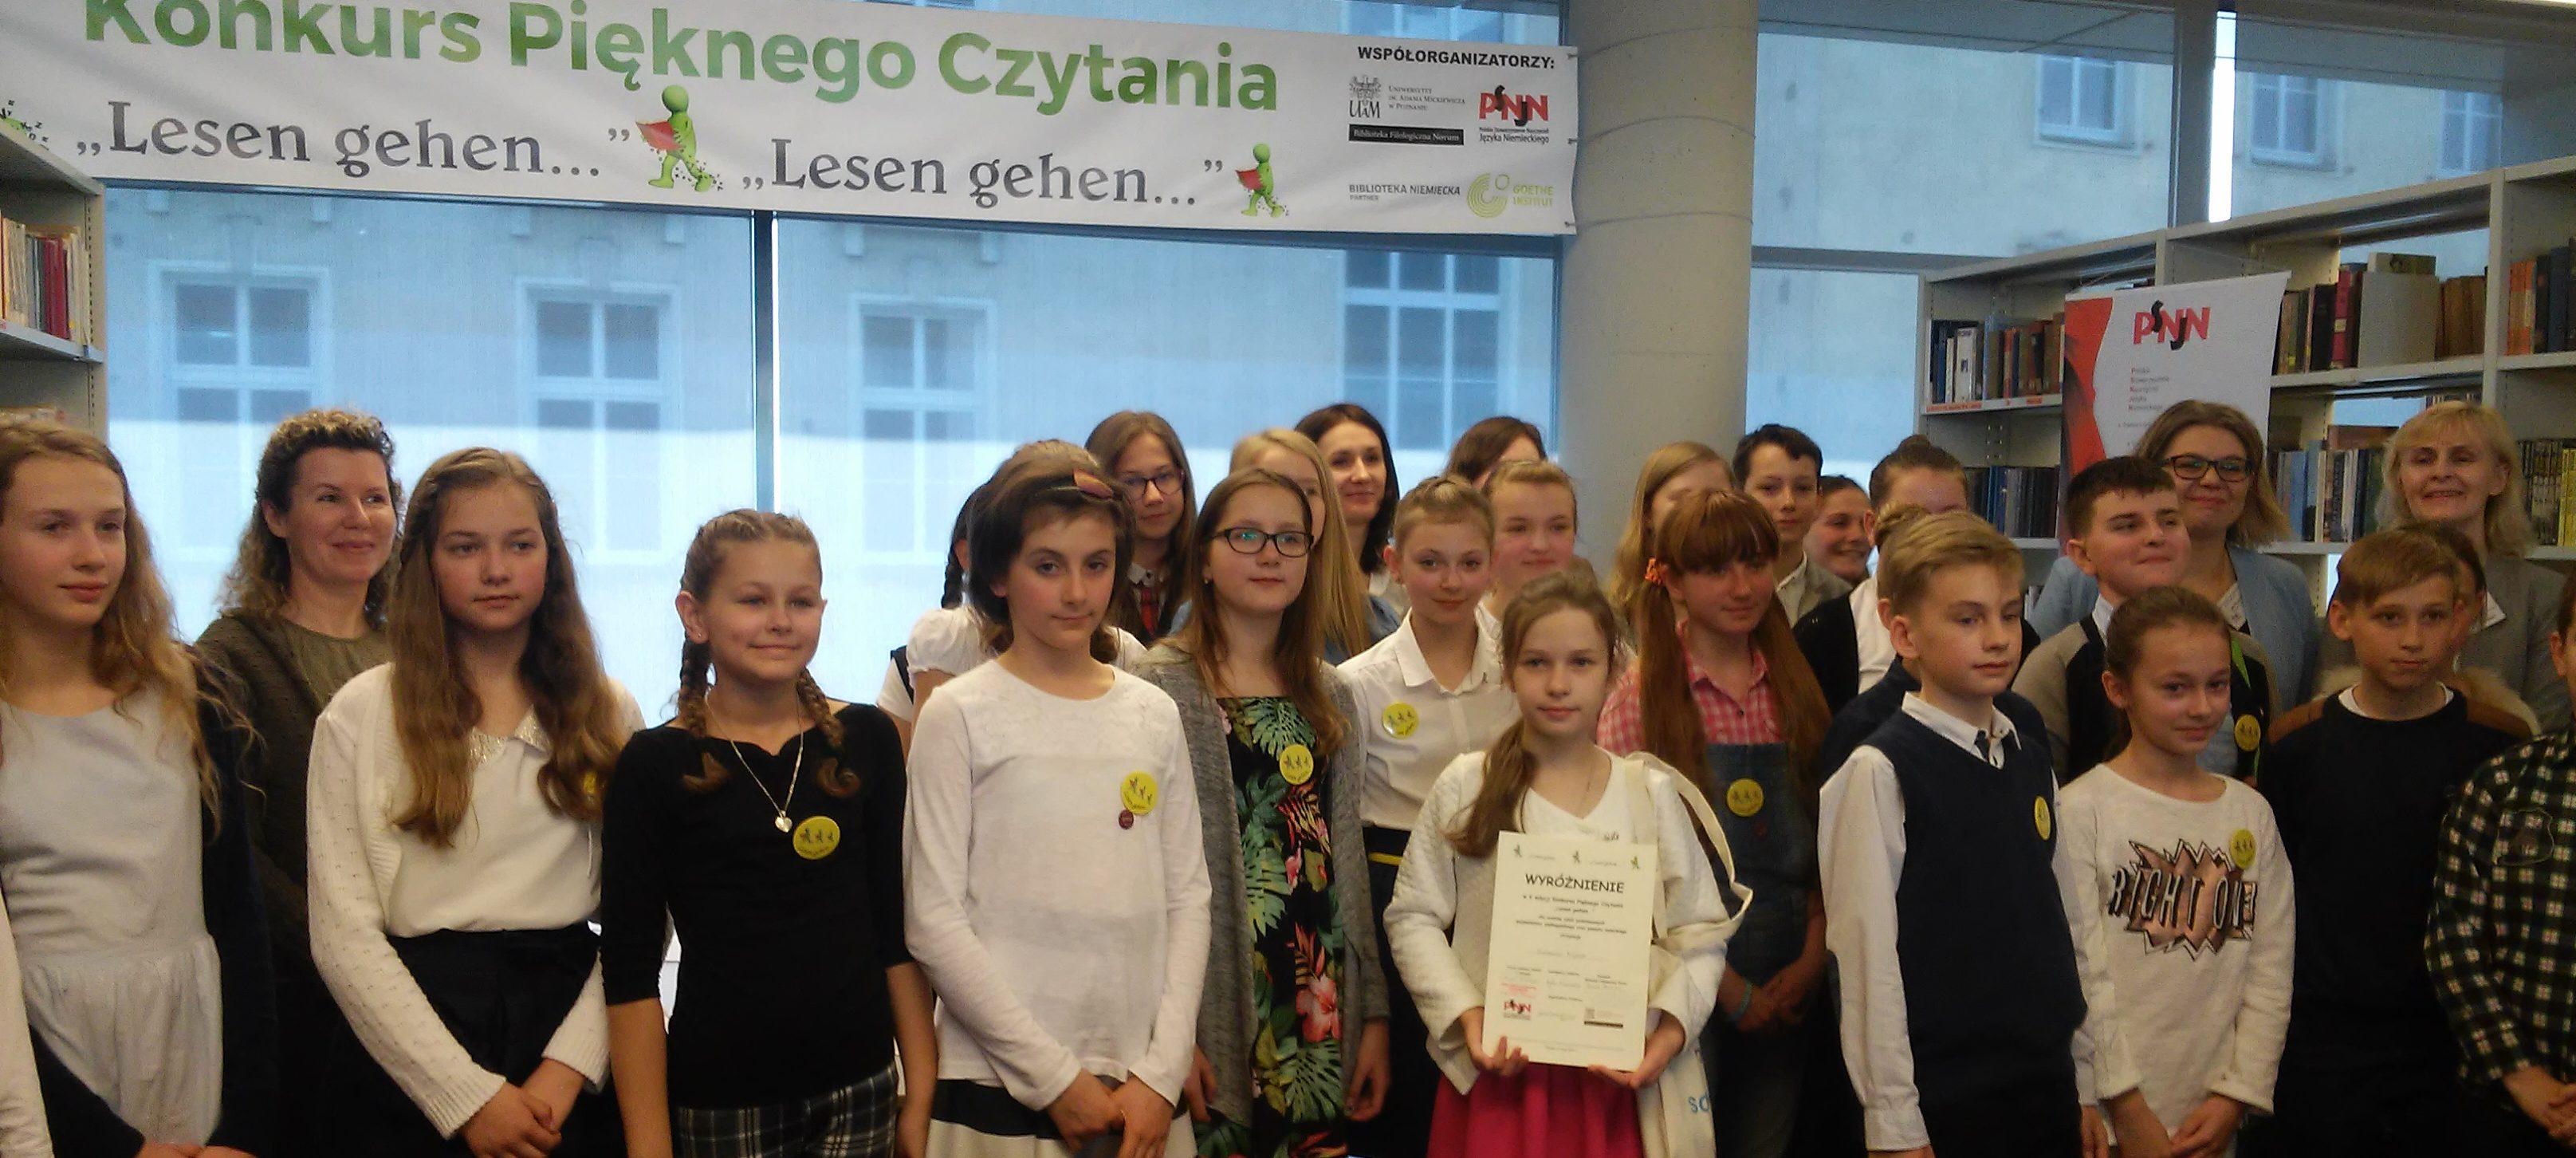 """Konkurs Pięknego Czytania """"Lesen gehen…"""""""